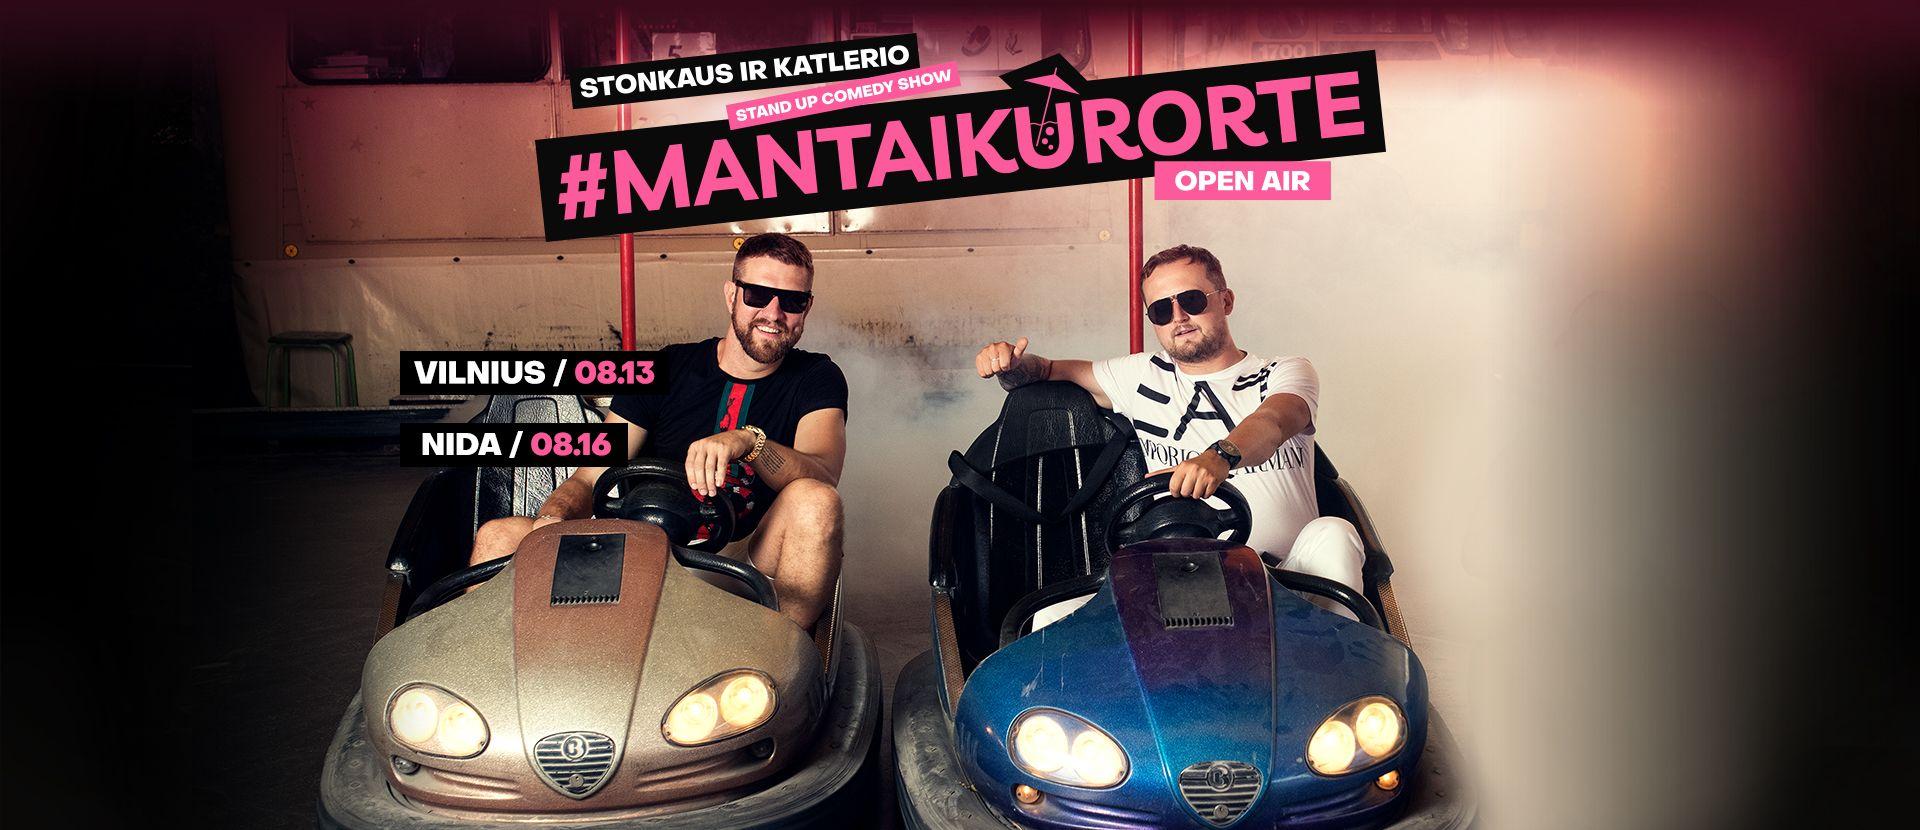 Stonkus ir Katleris: #MantaiKurorte